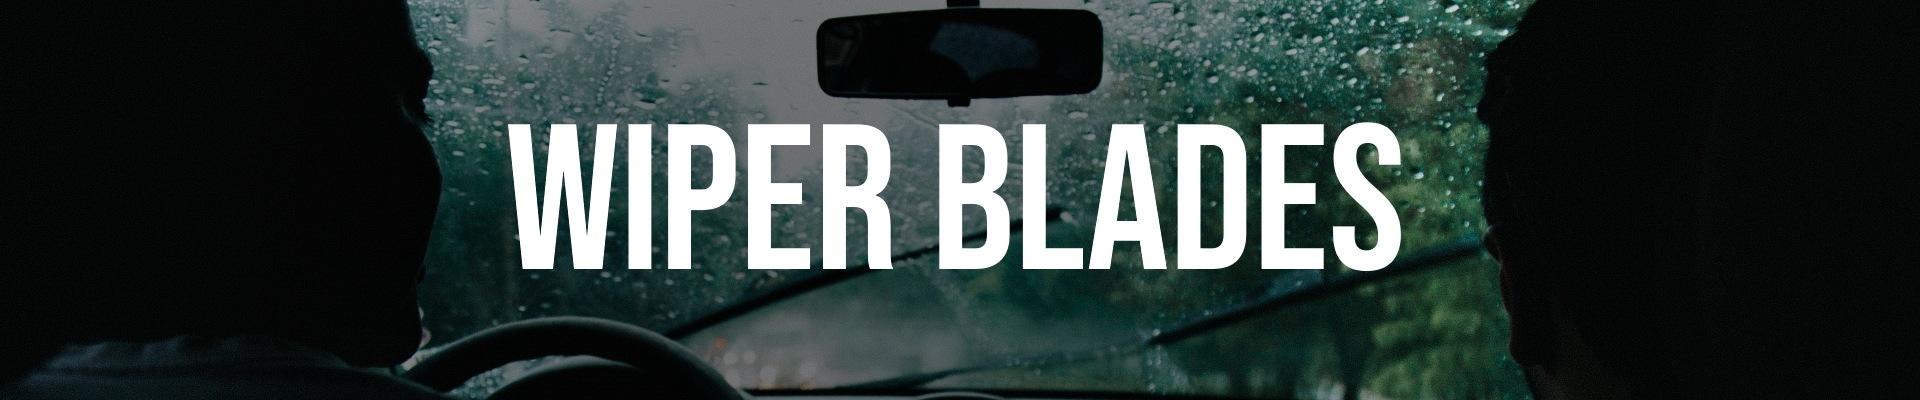 Wiper Blades Banner